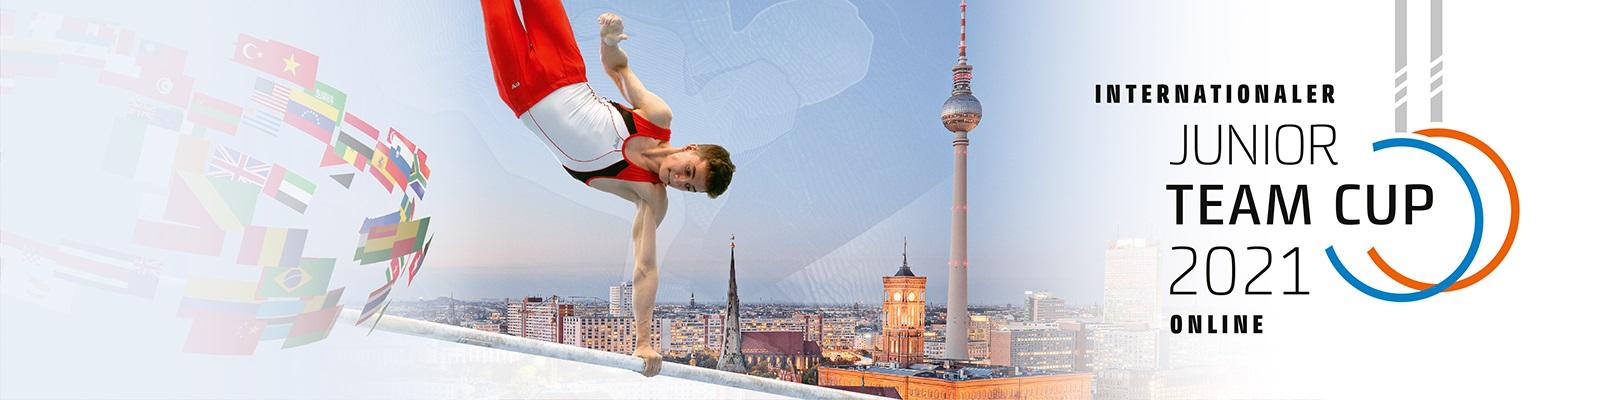 berlin junior team cup 2021 gymnastics competition